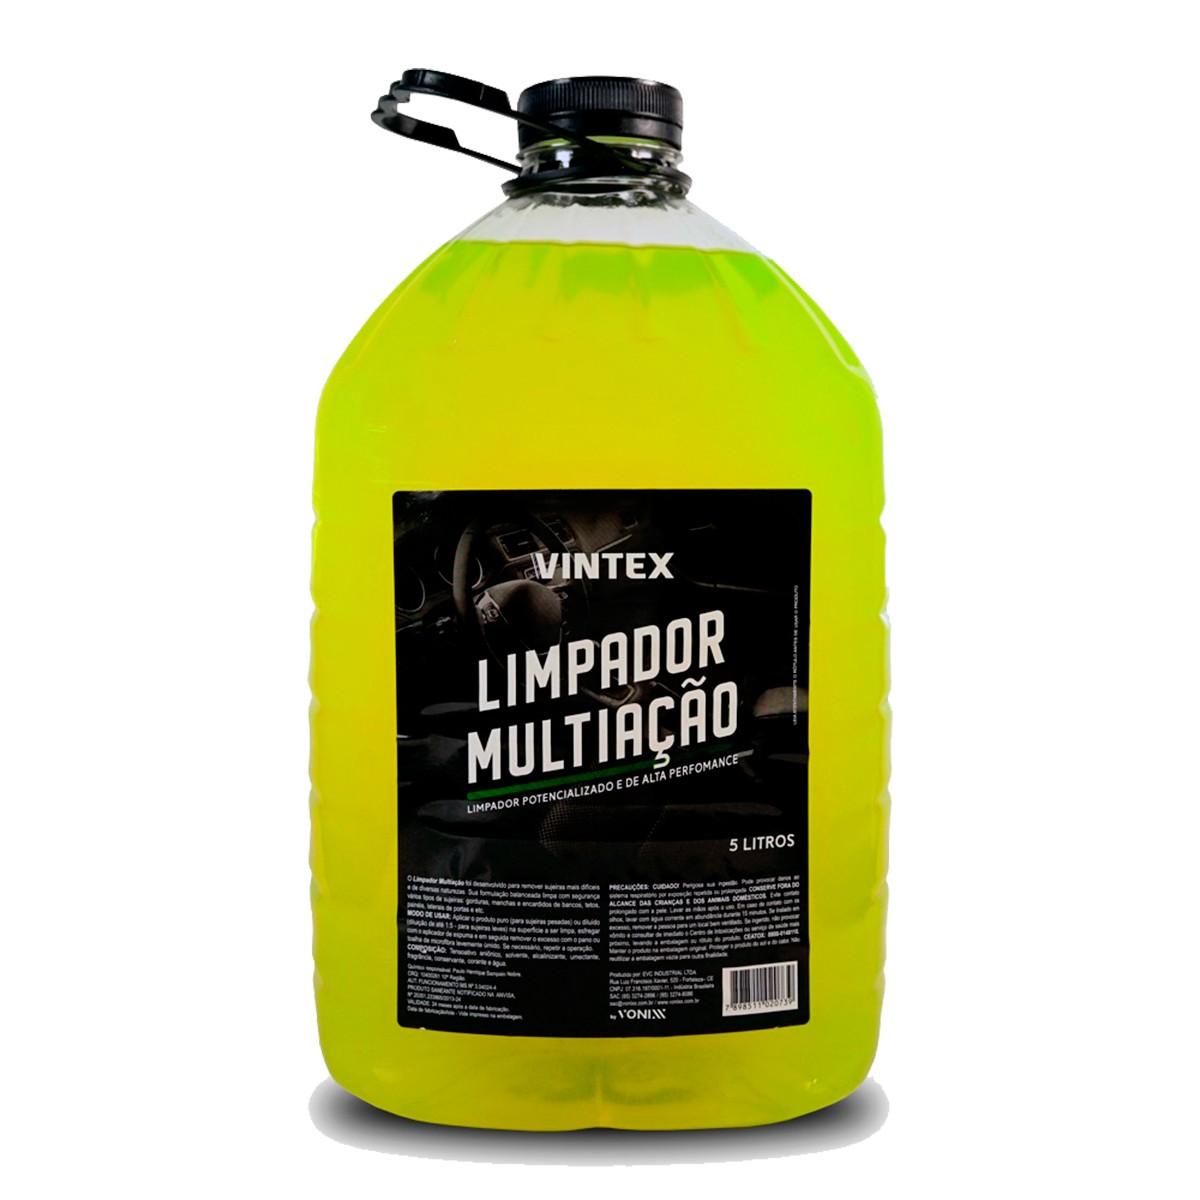 Limpador Multiacão 5L - Vonixx